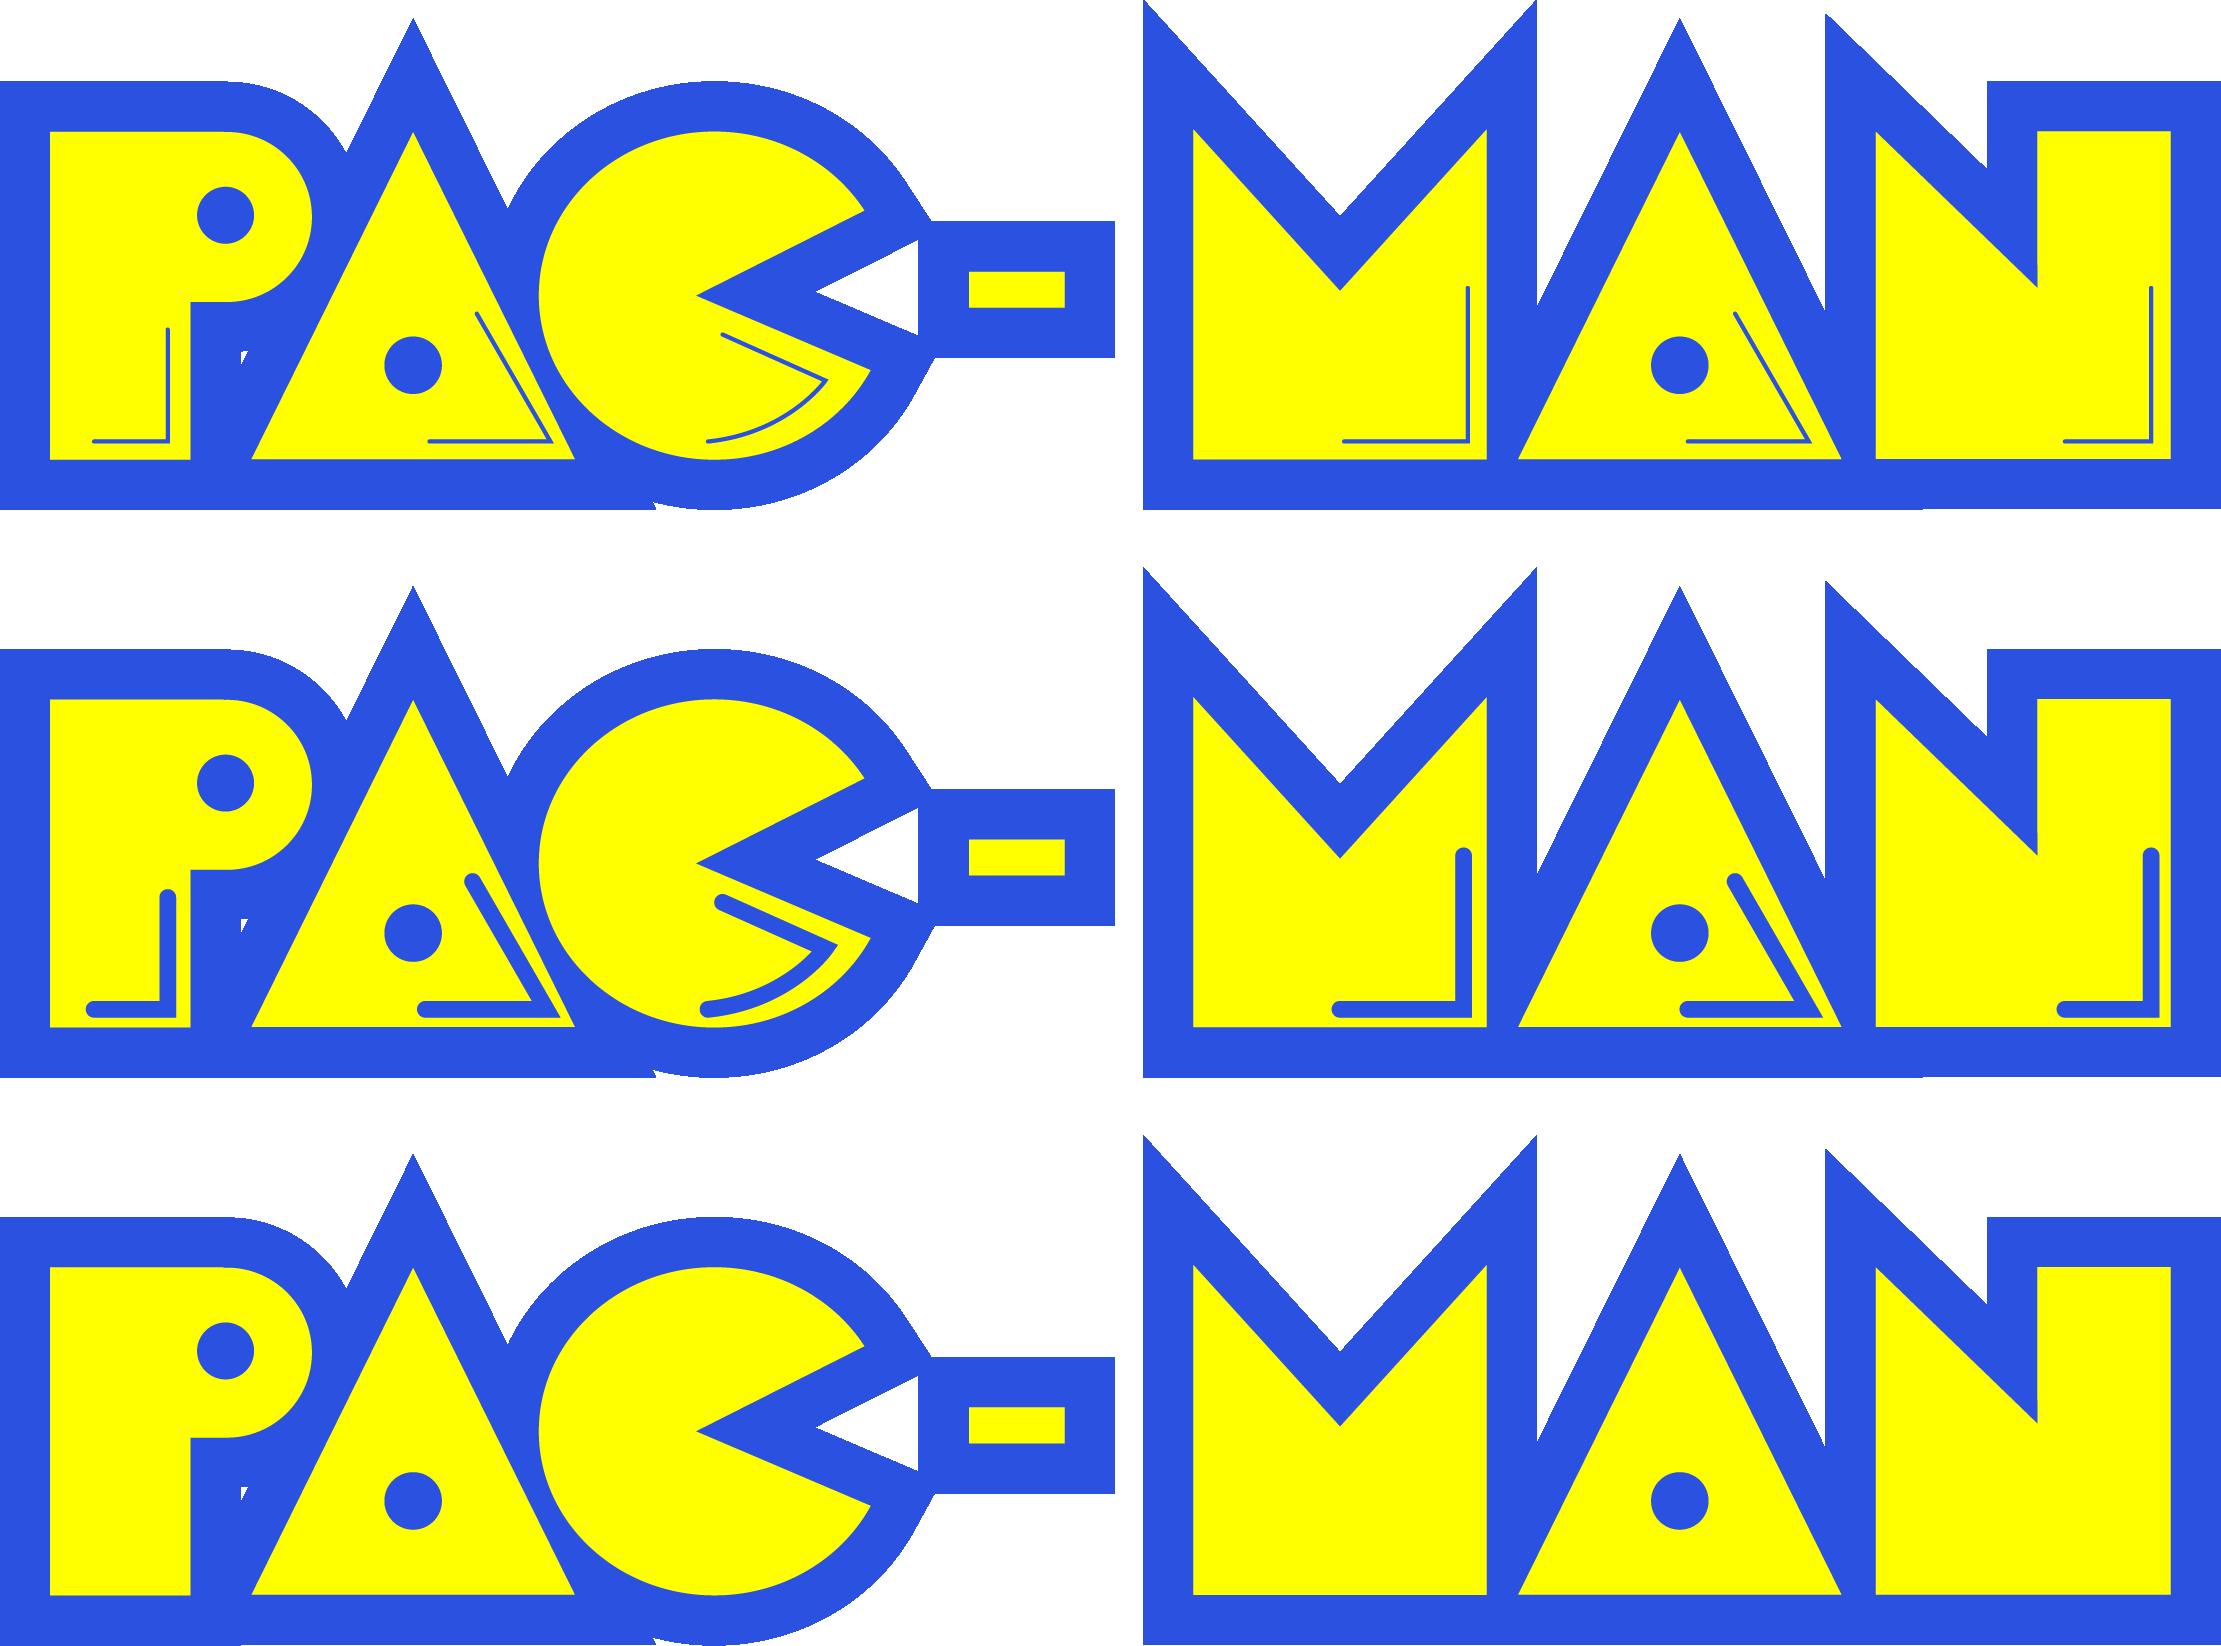 Pac man logo 03 by dhlarson designs interfaces logos logotypes 2013